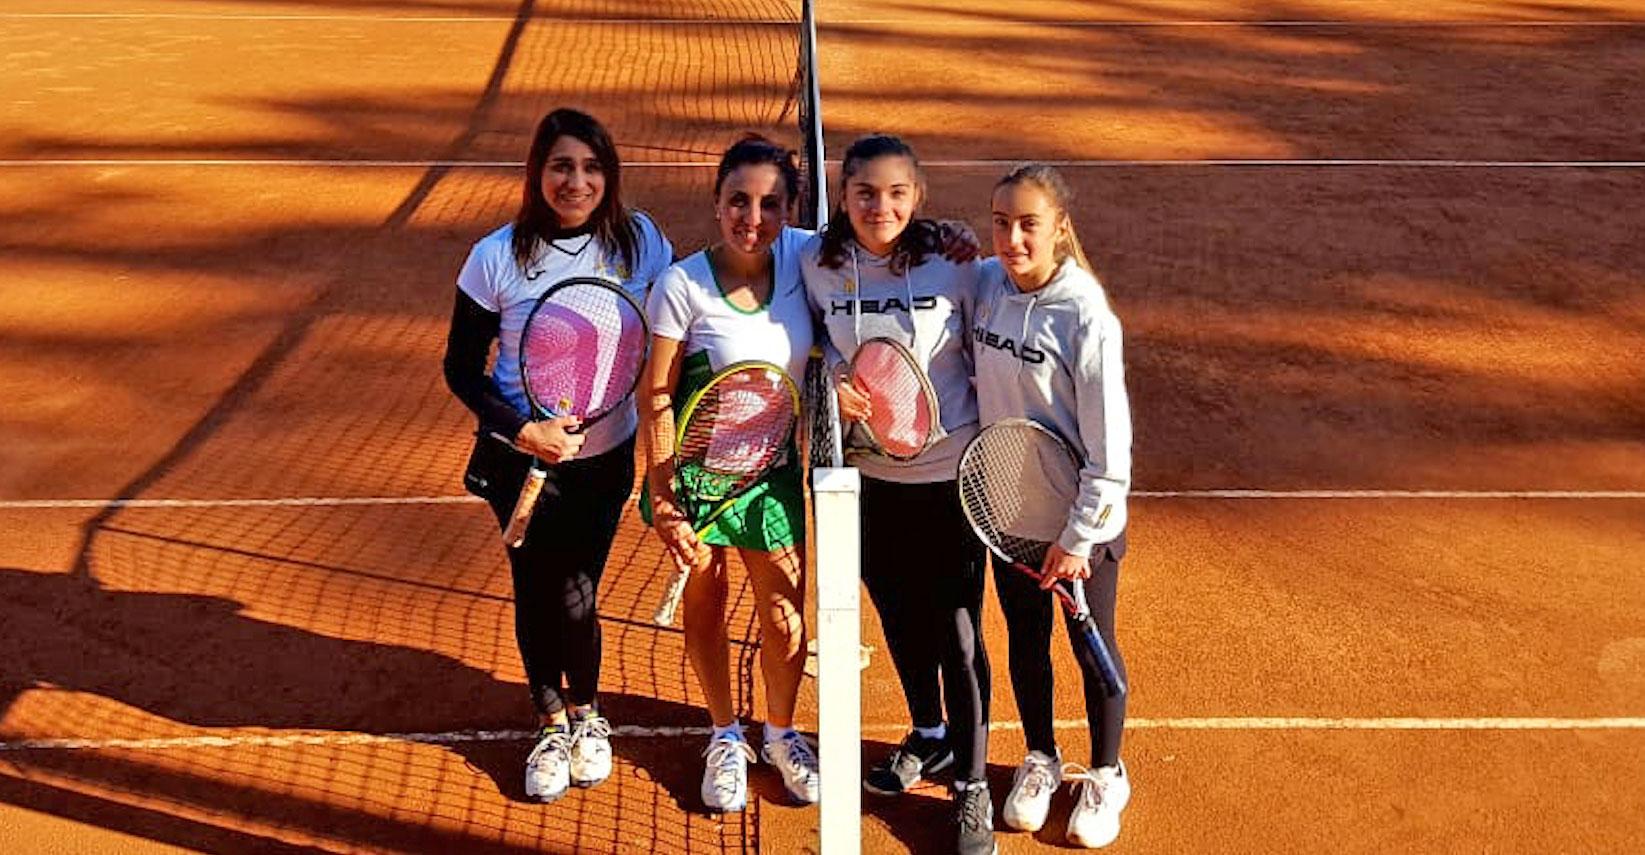 Federica Vancheri e Alessia Bertuccio (a destra) battono Anna Simone e Concetta Callerame